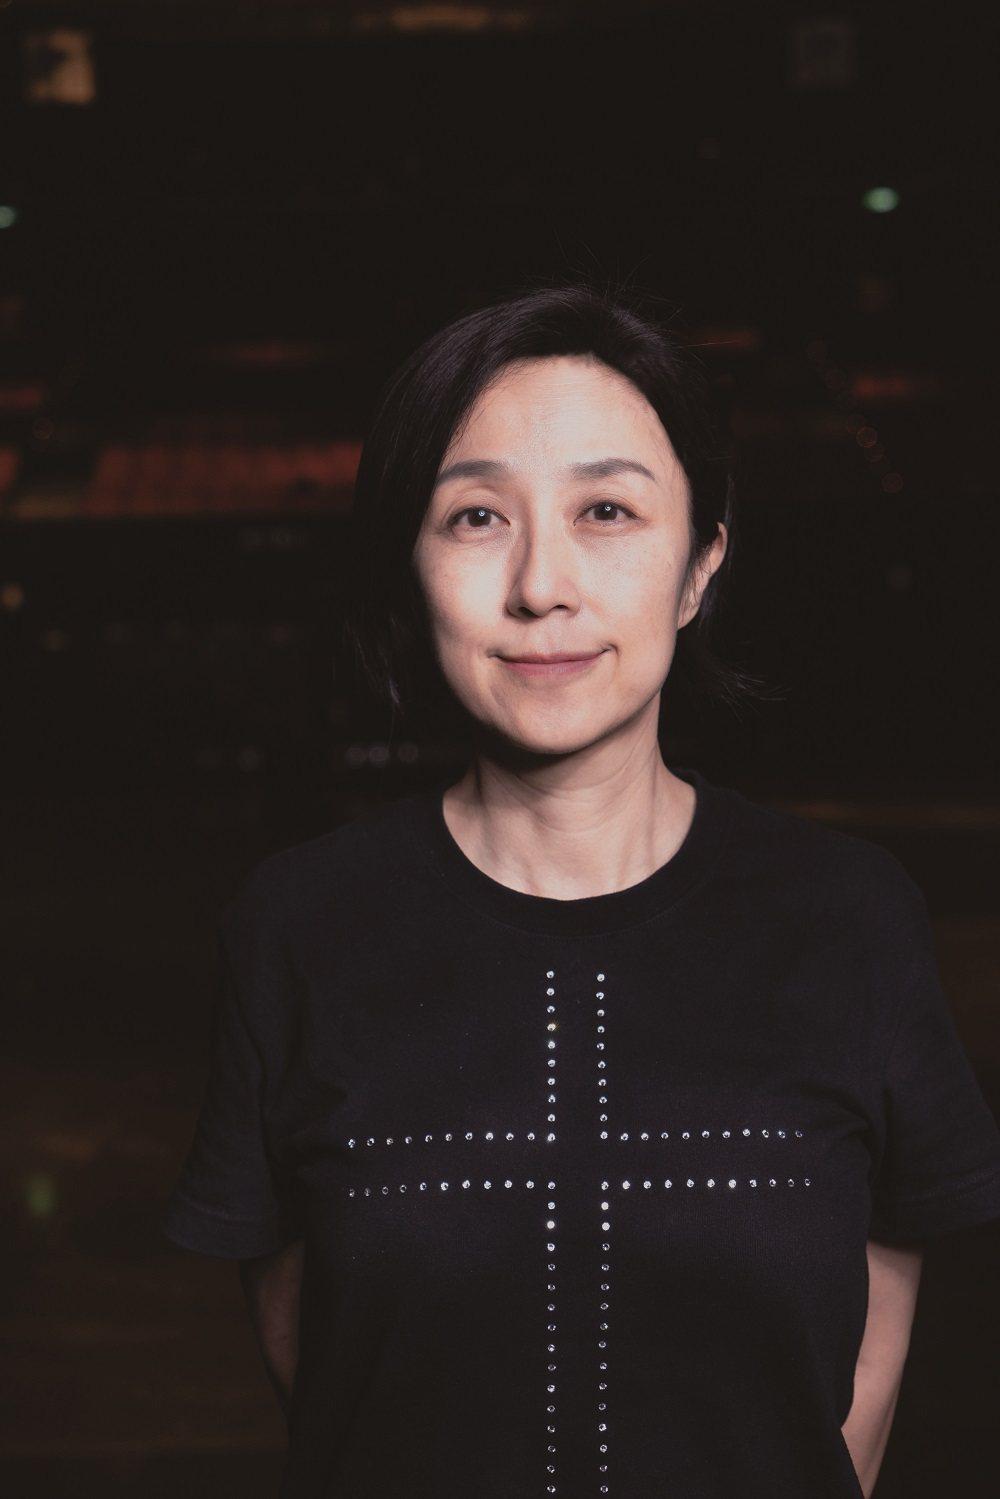 黃韻玲,台北流行音樂中心董事長。台灣知名音樂詞曲創作者,身兼編曲、影視配樂、唱片...